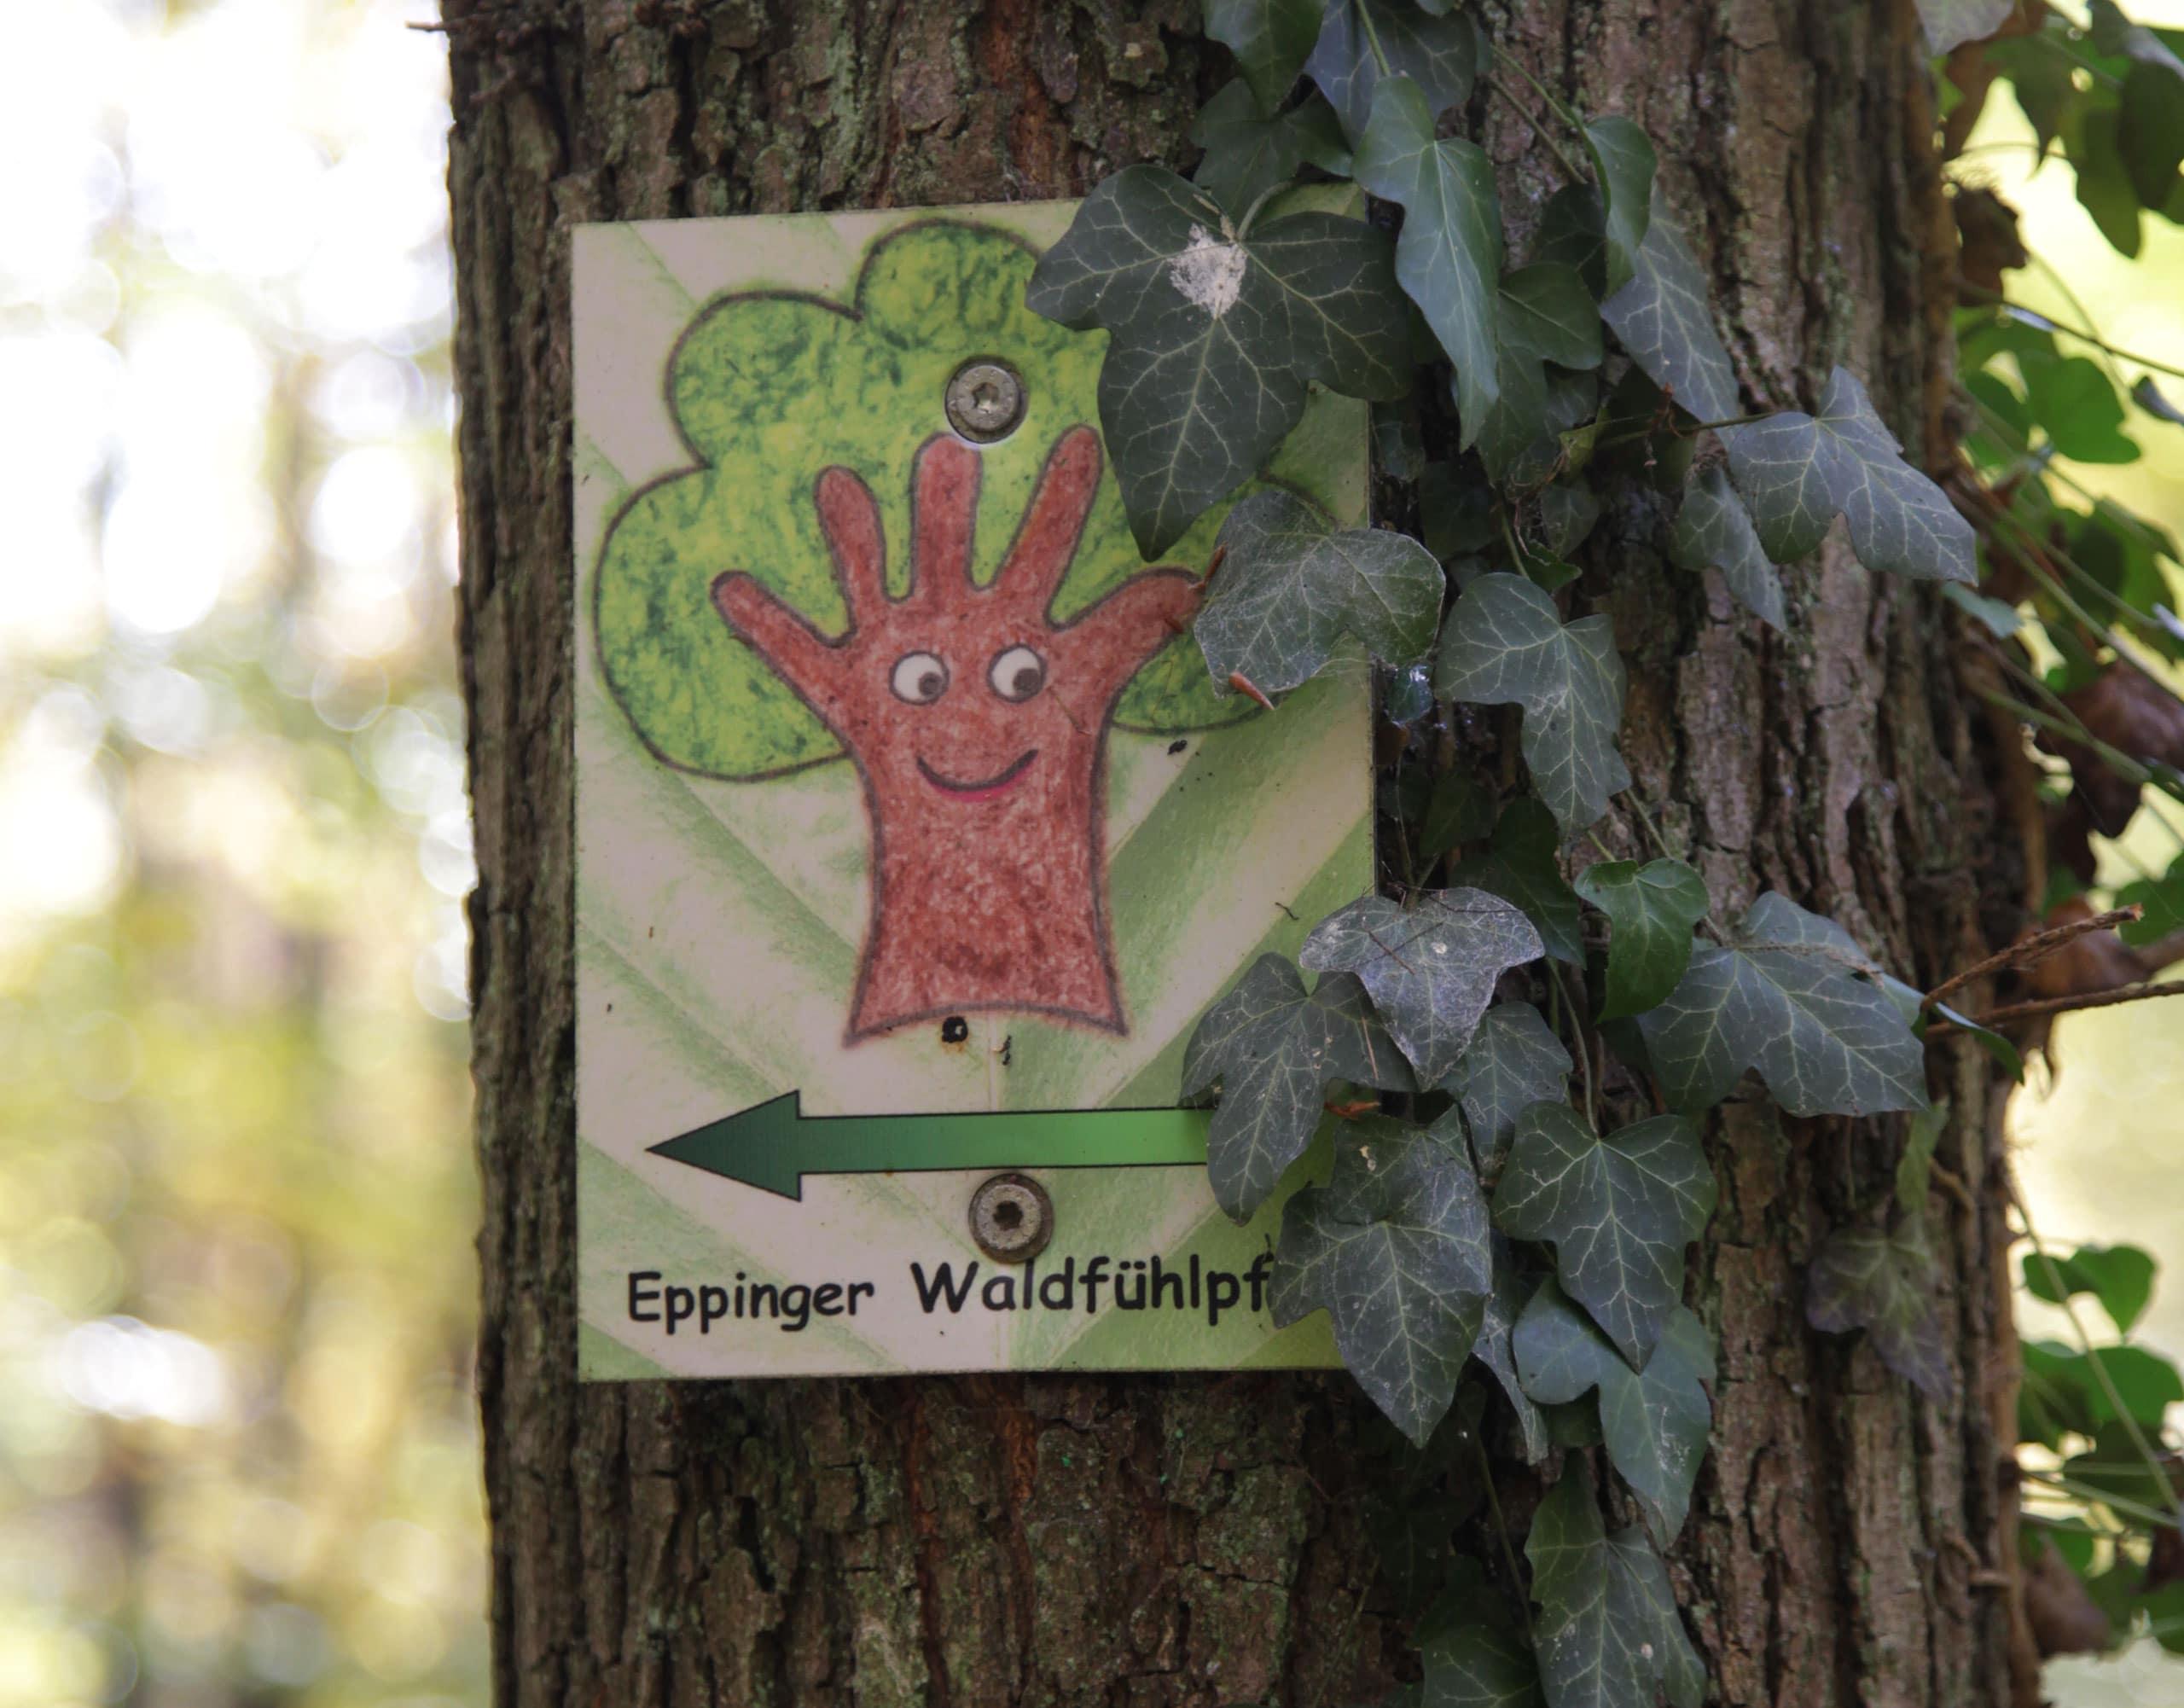 Eppinger Wald Fühl Pfad